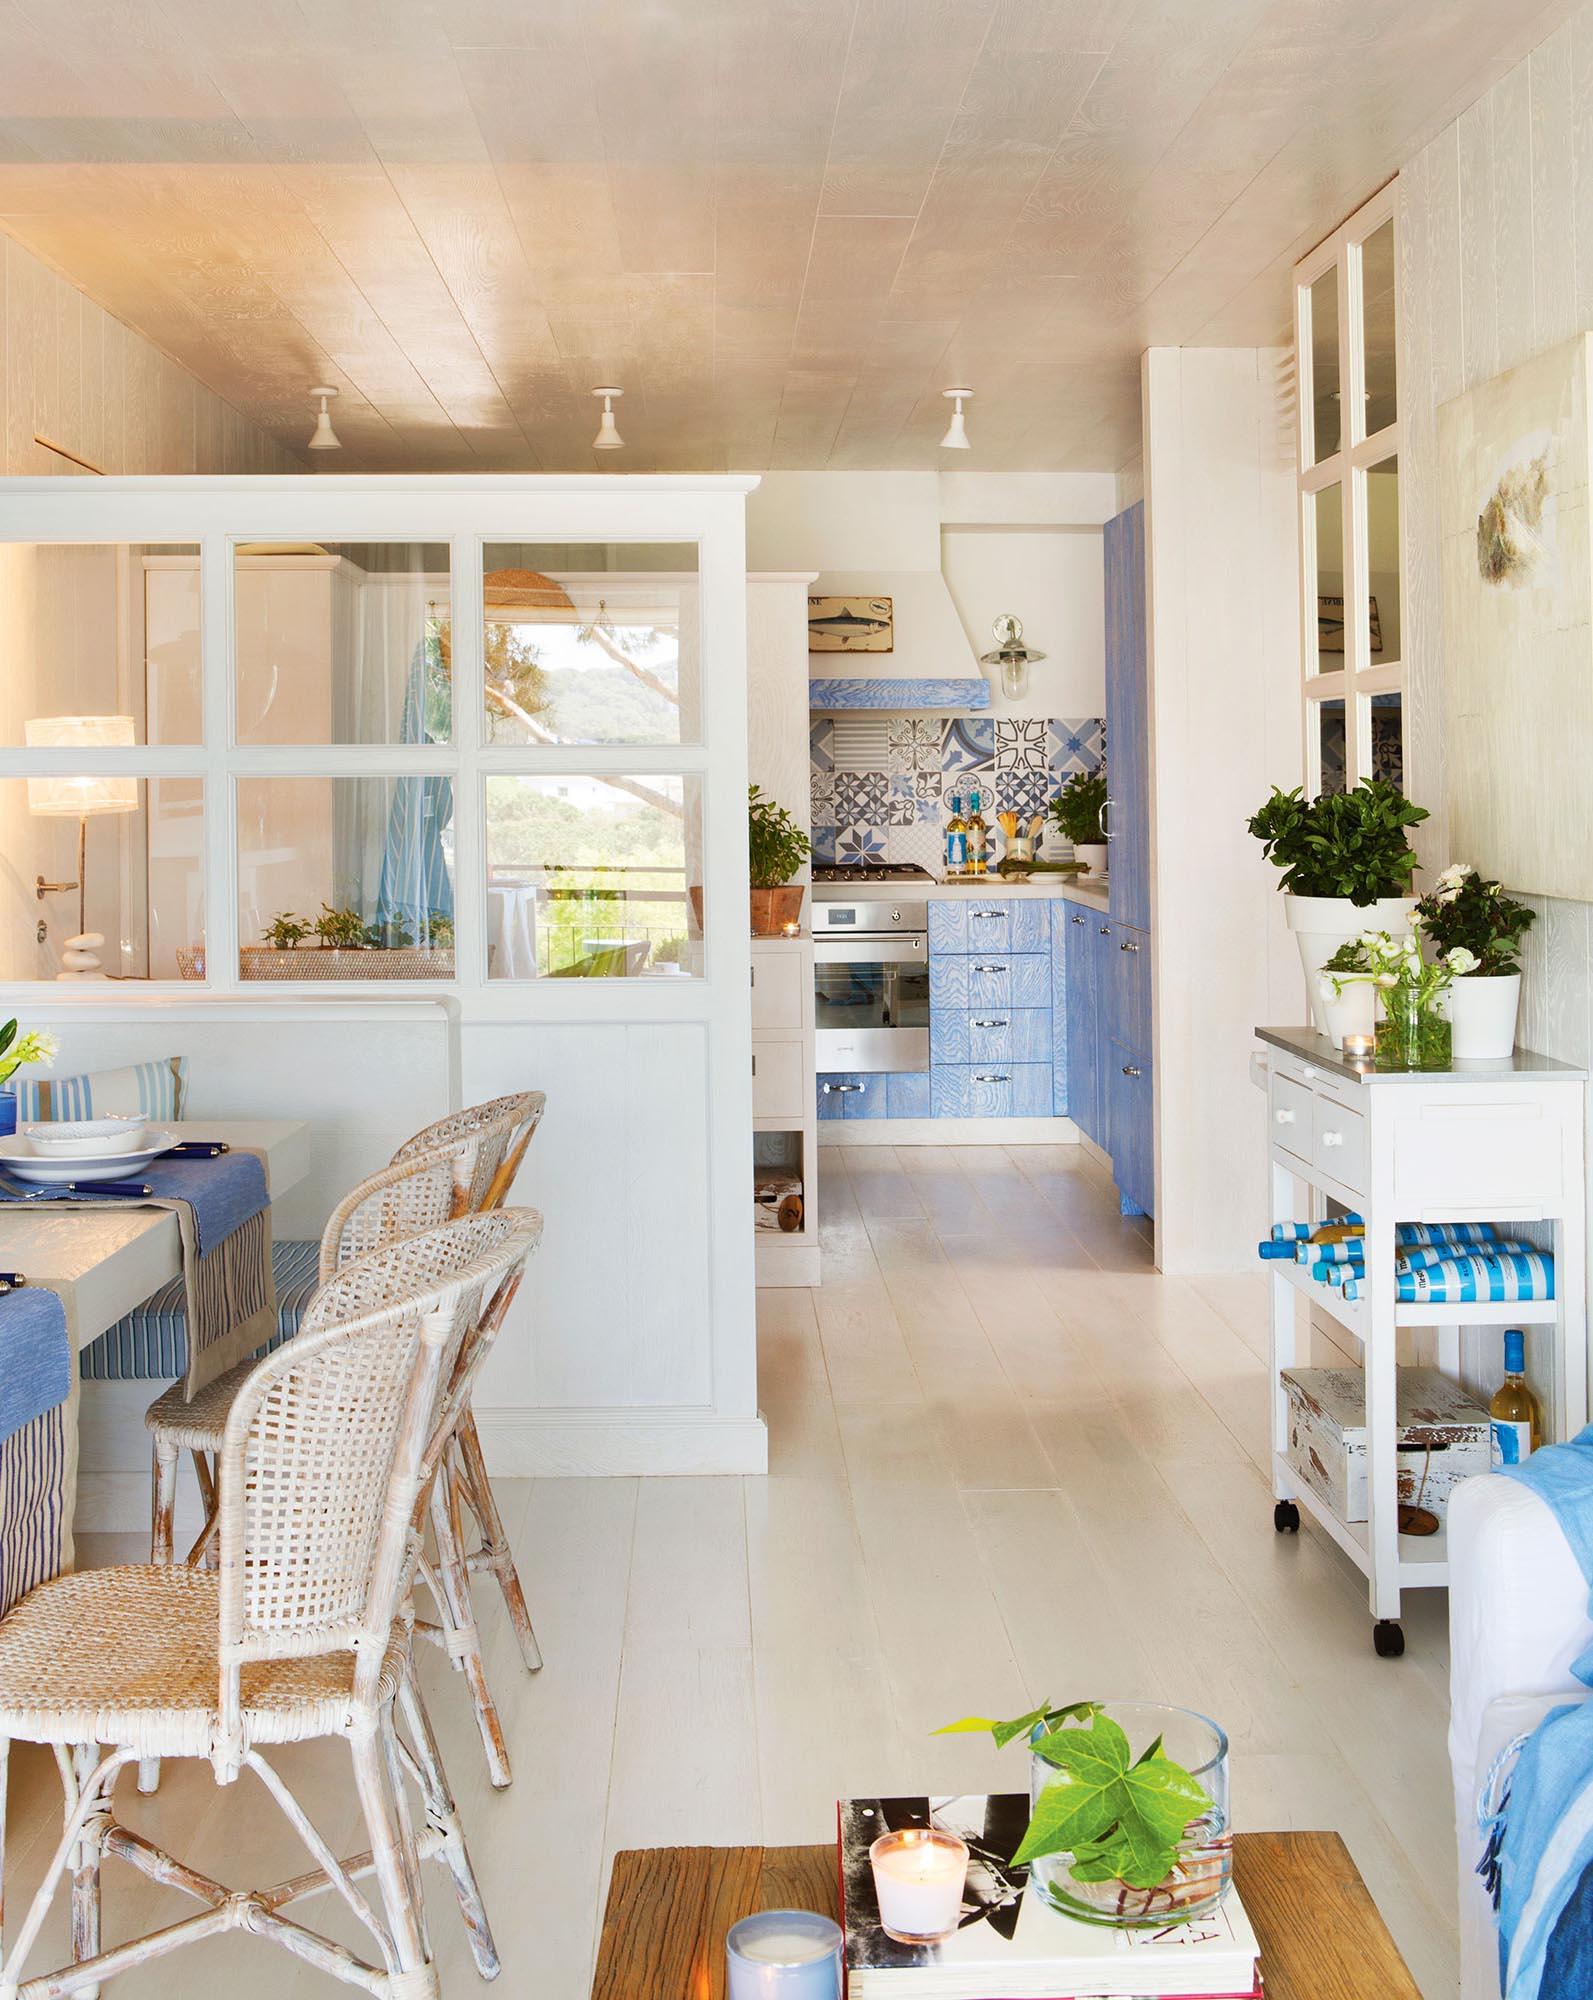 Recibidores y pasillos buenas ideas para decorarlos y for Cocina y salon unidos